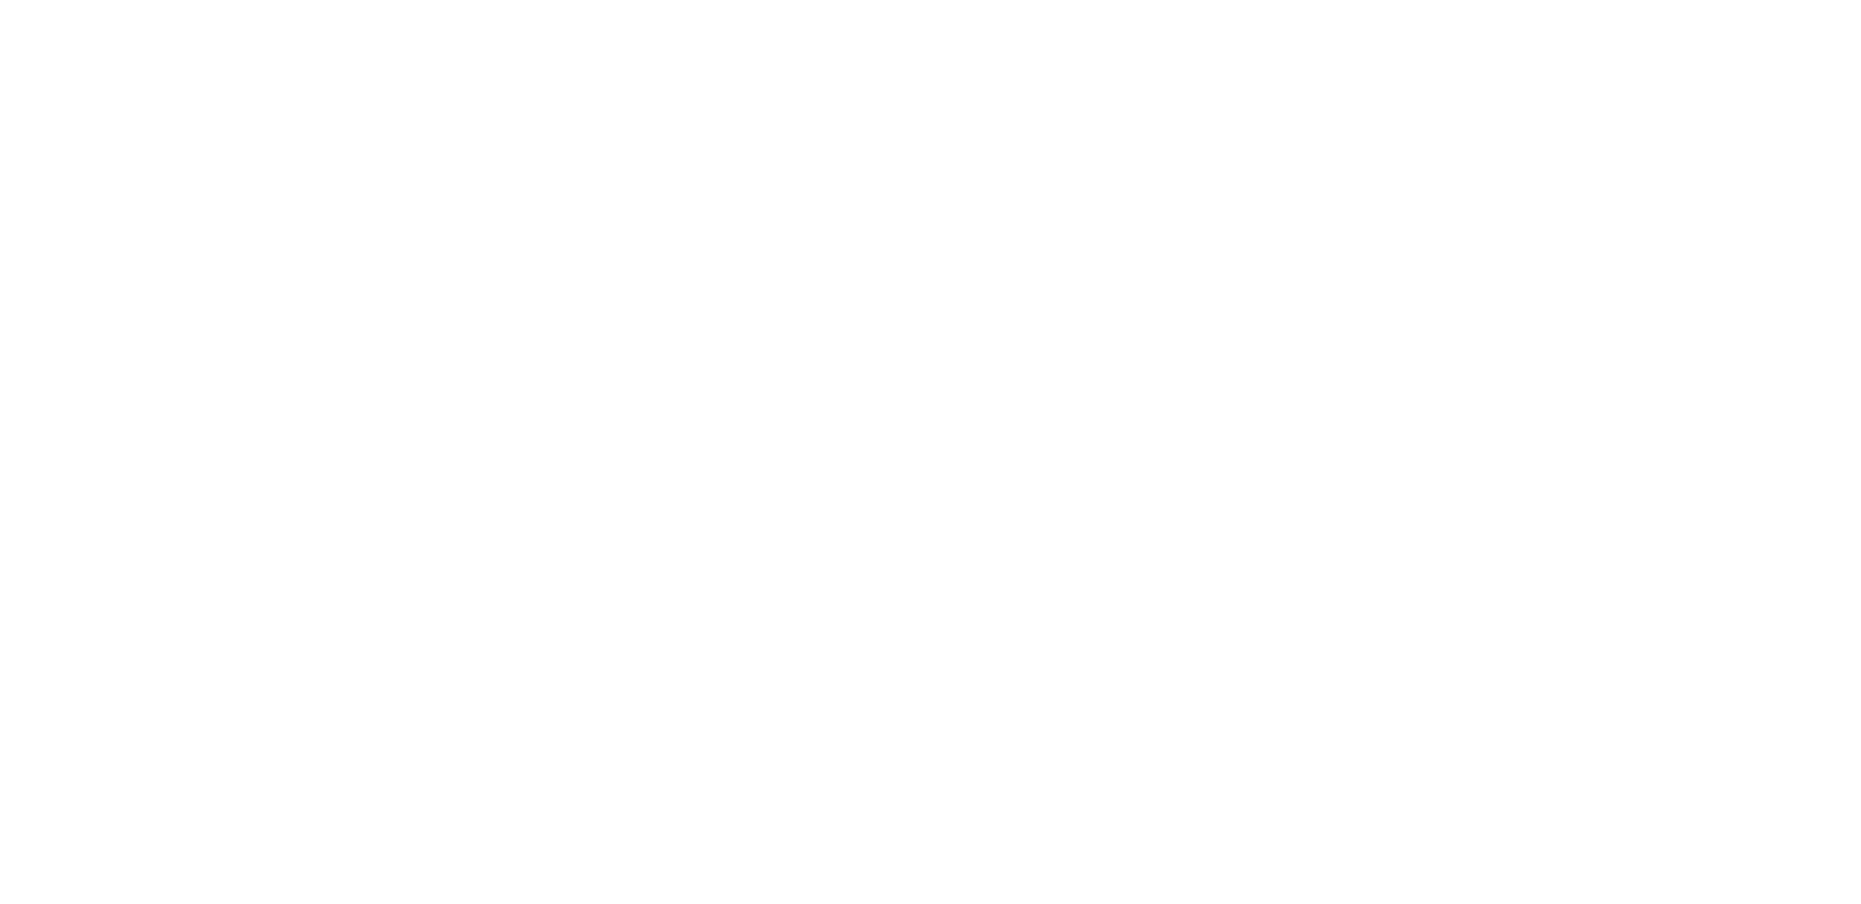 NVH_White Horizontal logo.png